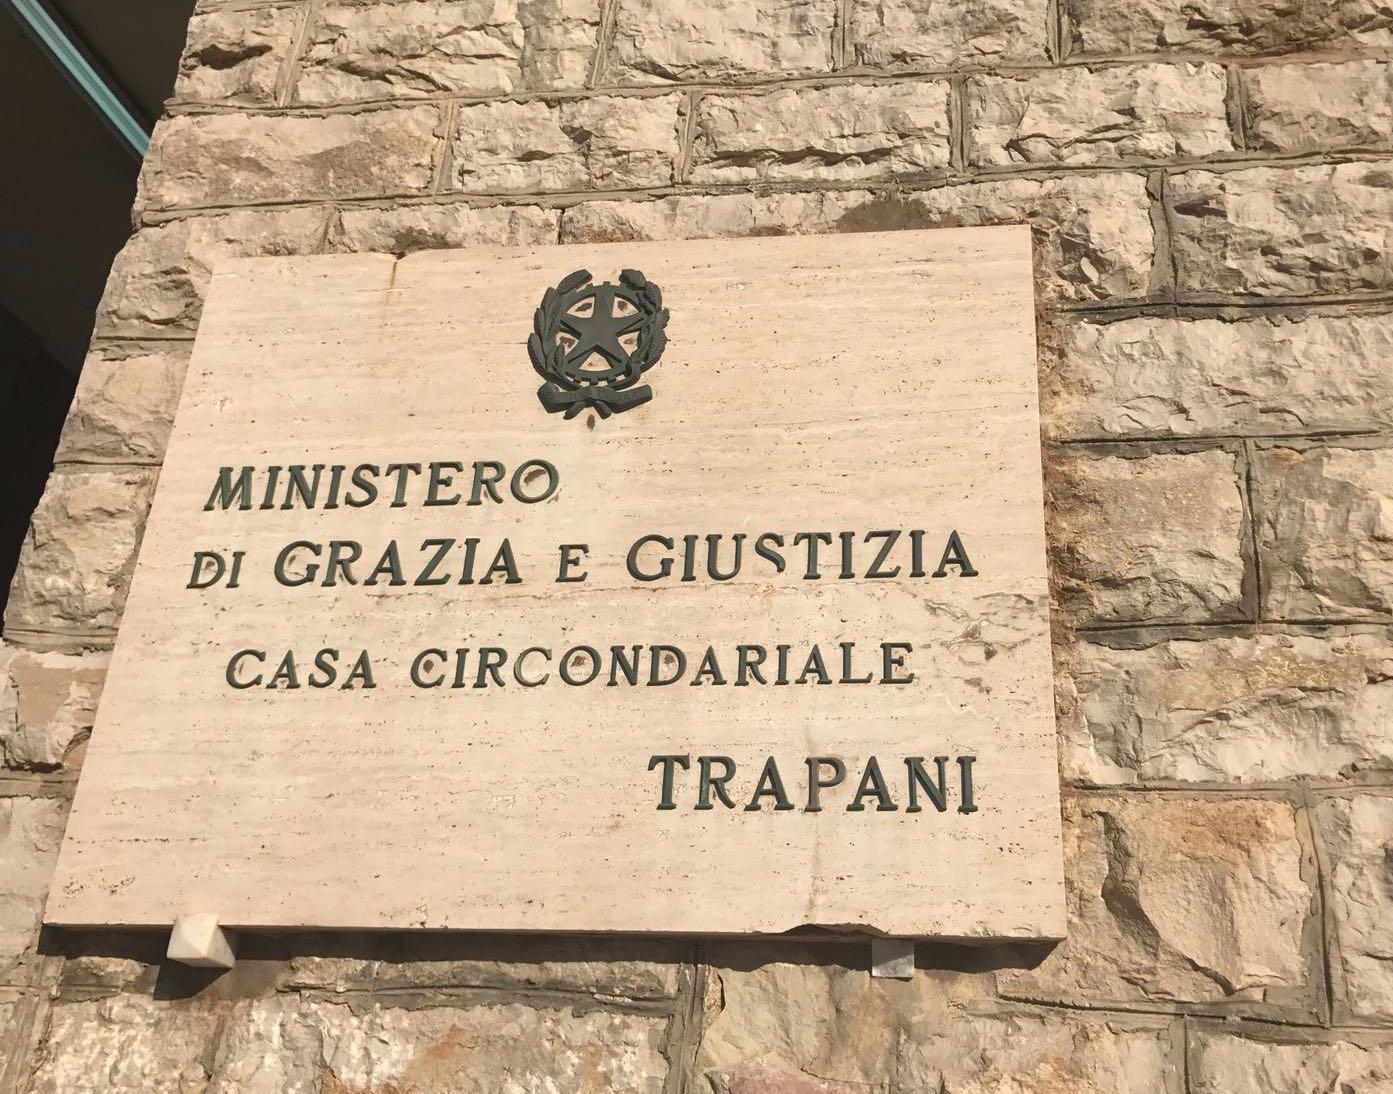 Un caso di Covid al carcere di Trapani, scatta il protocollo sanitario